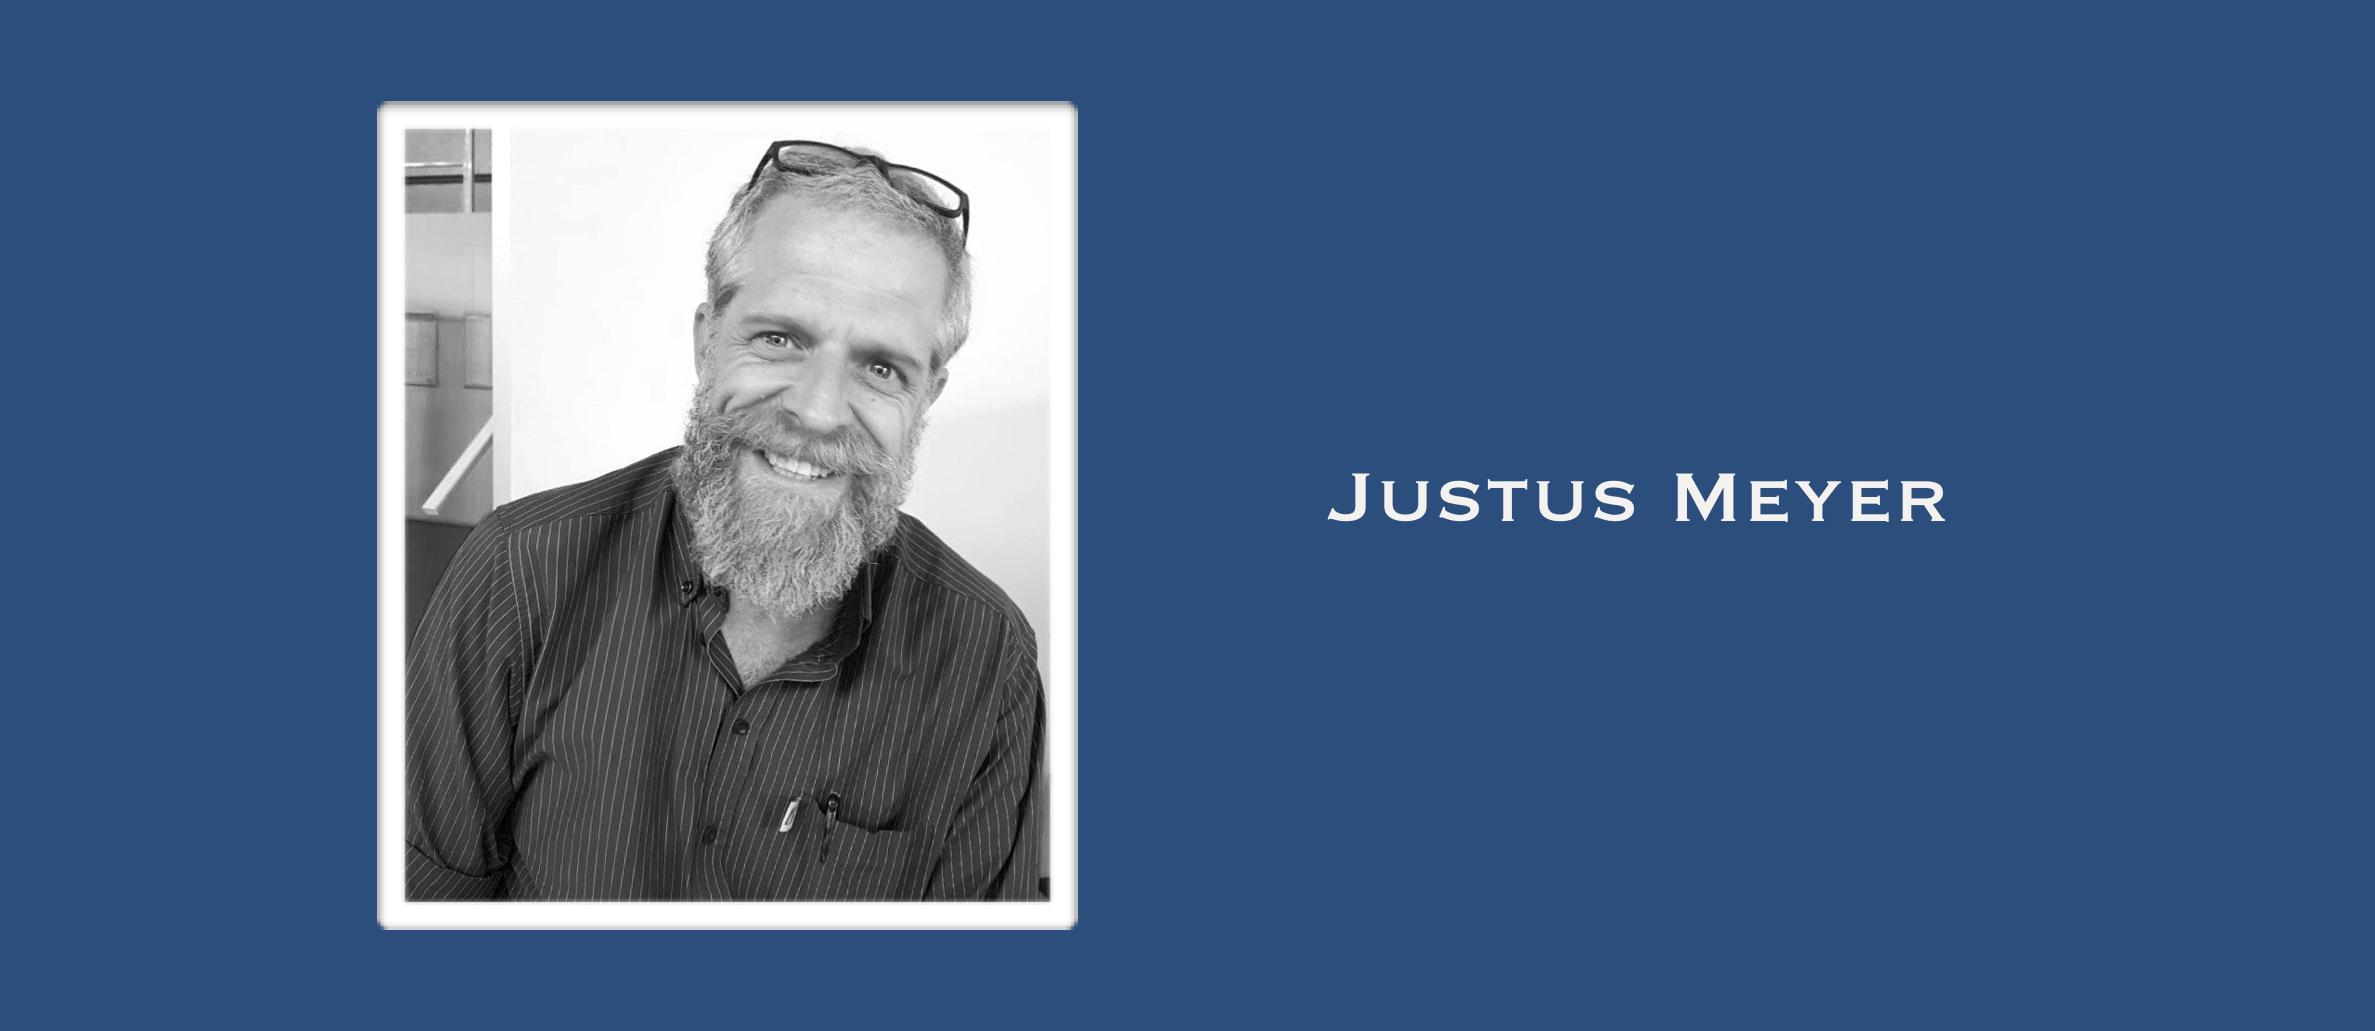 Justus Meyer